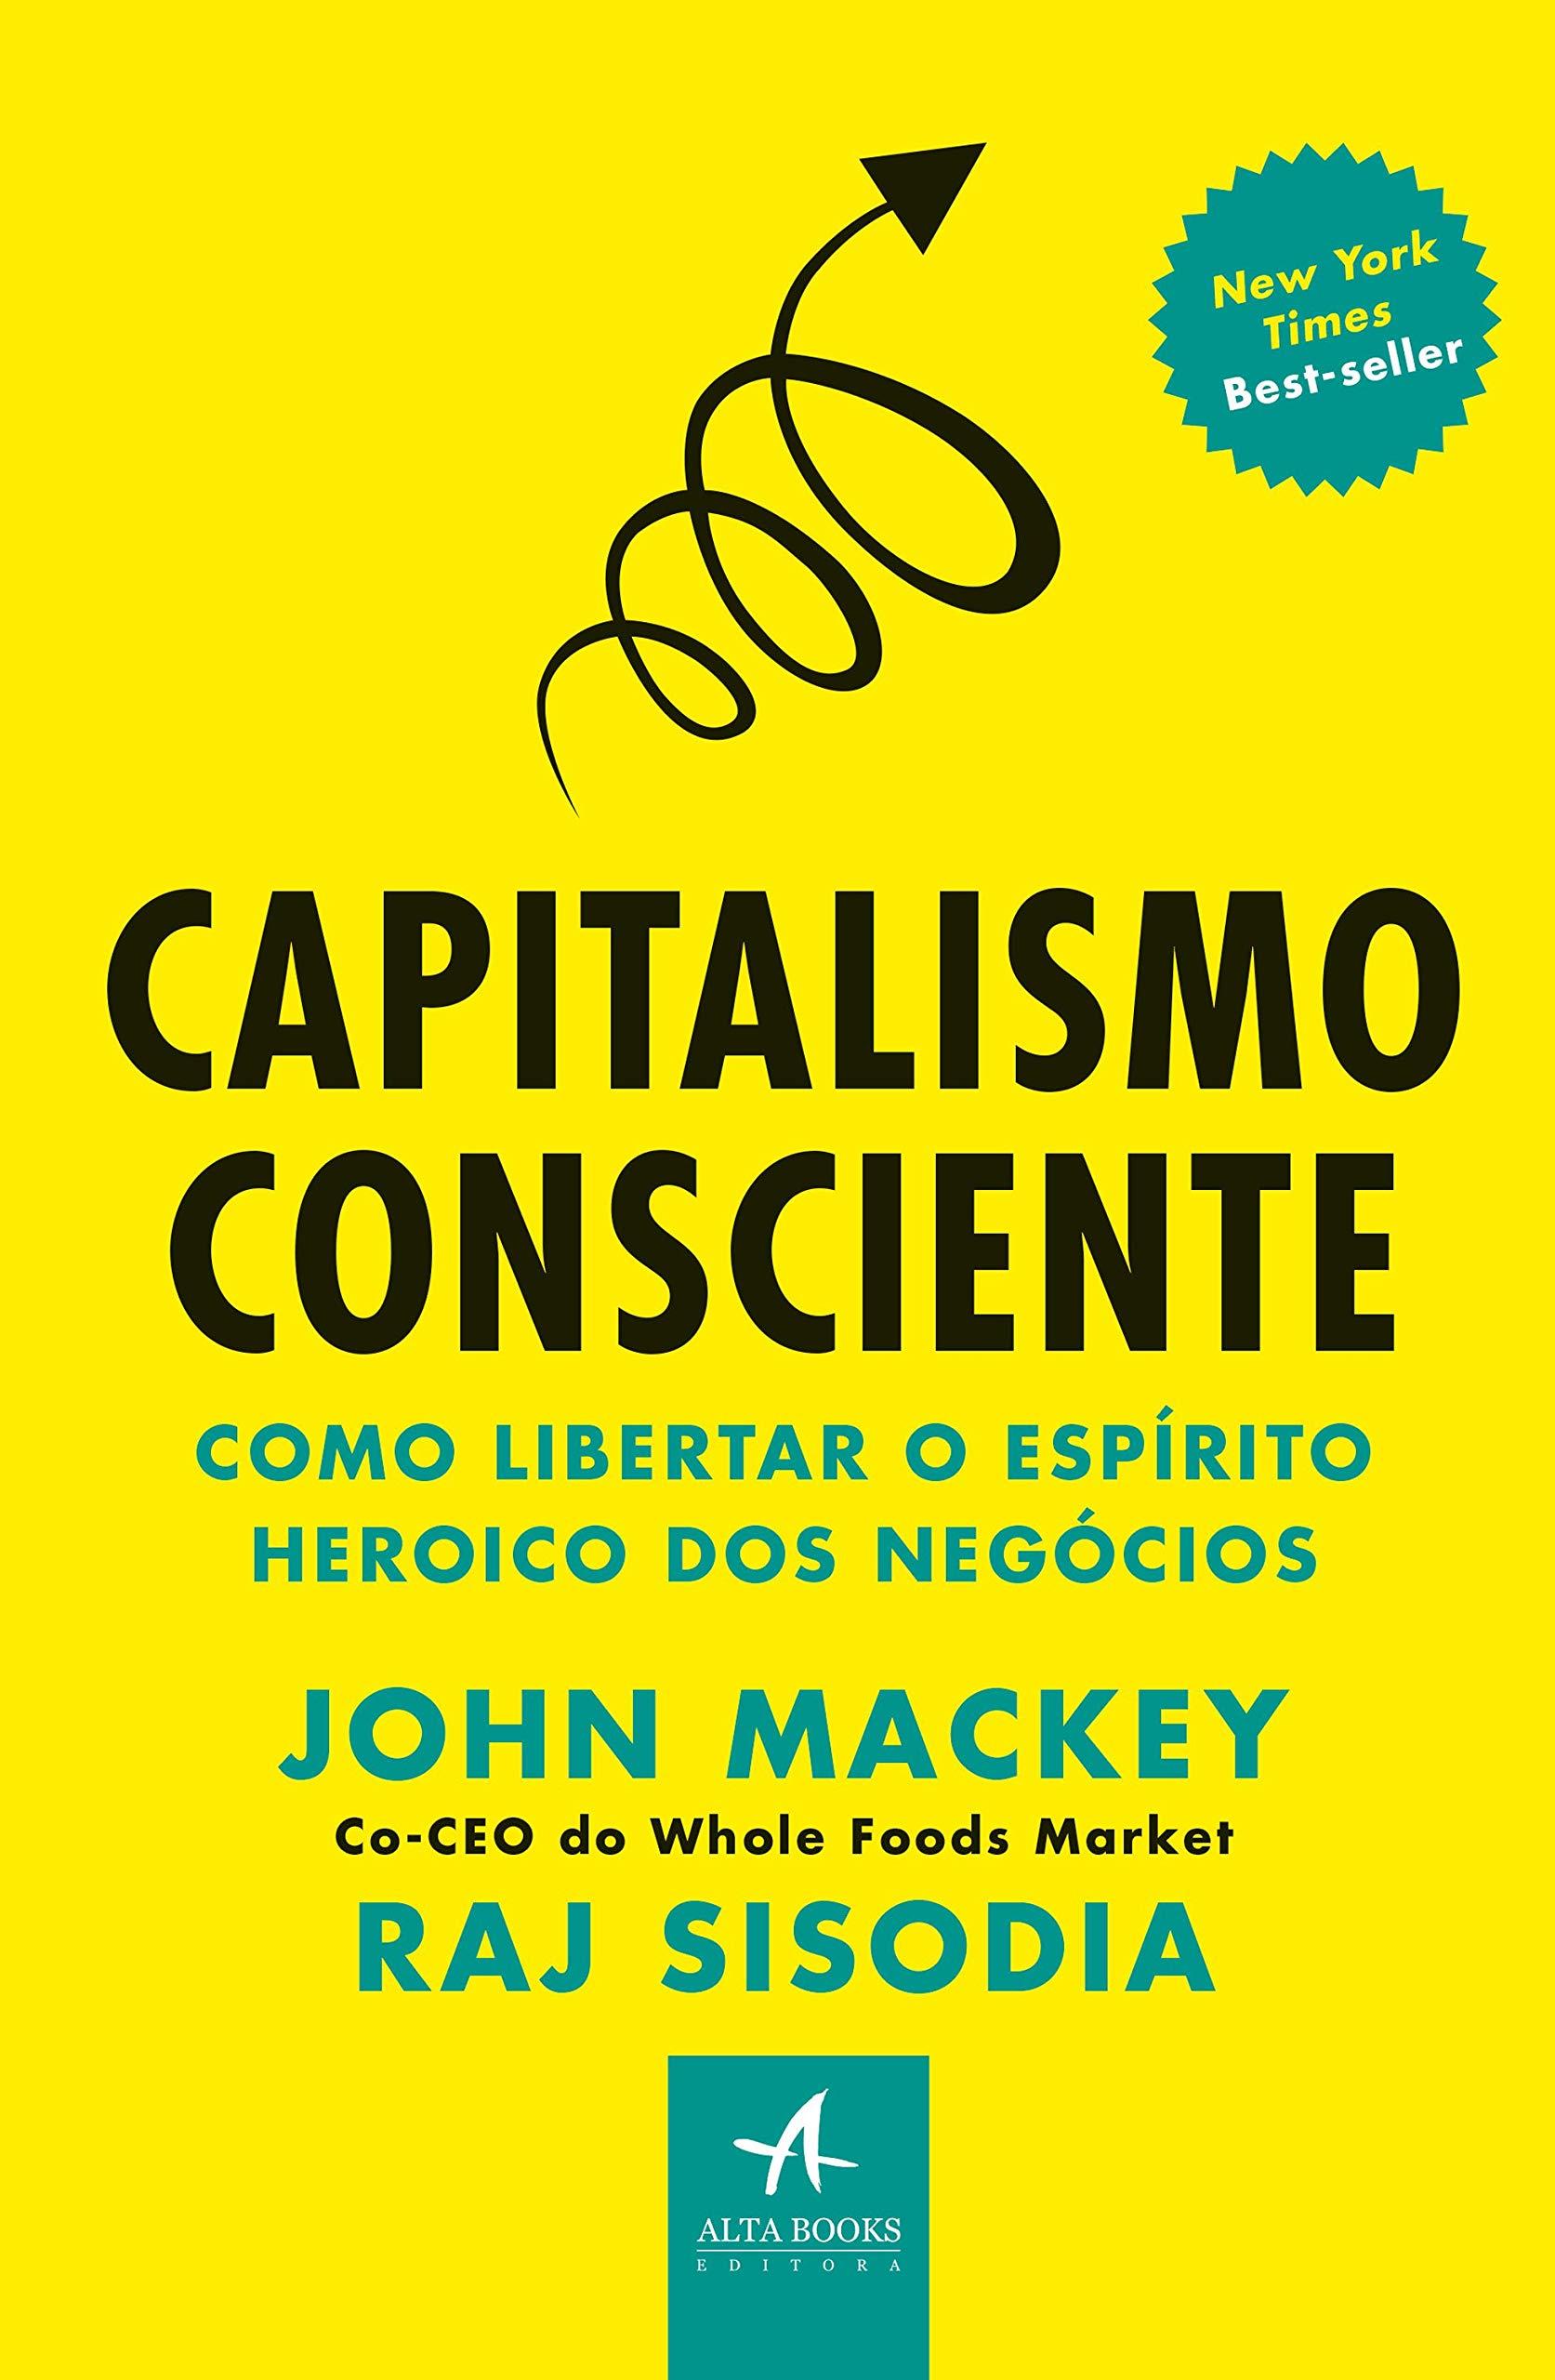 Esse livro pode ser adquirido através da AMAZON.